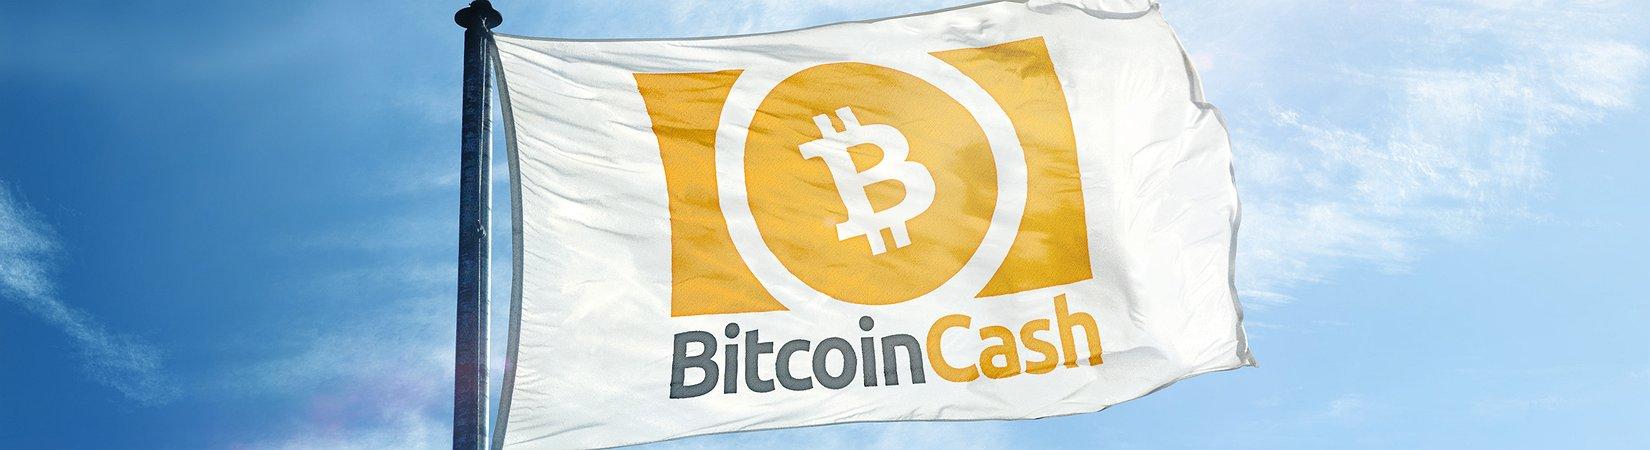 Coinbase lancia Bitcoin Cash, che fa il +60% in 24 ore